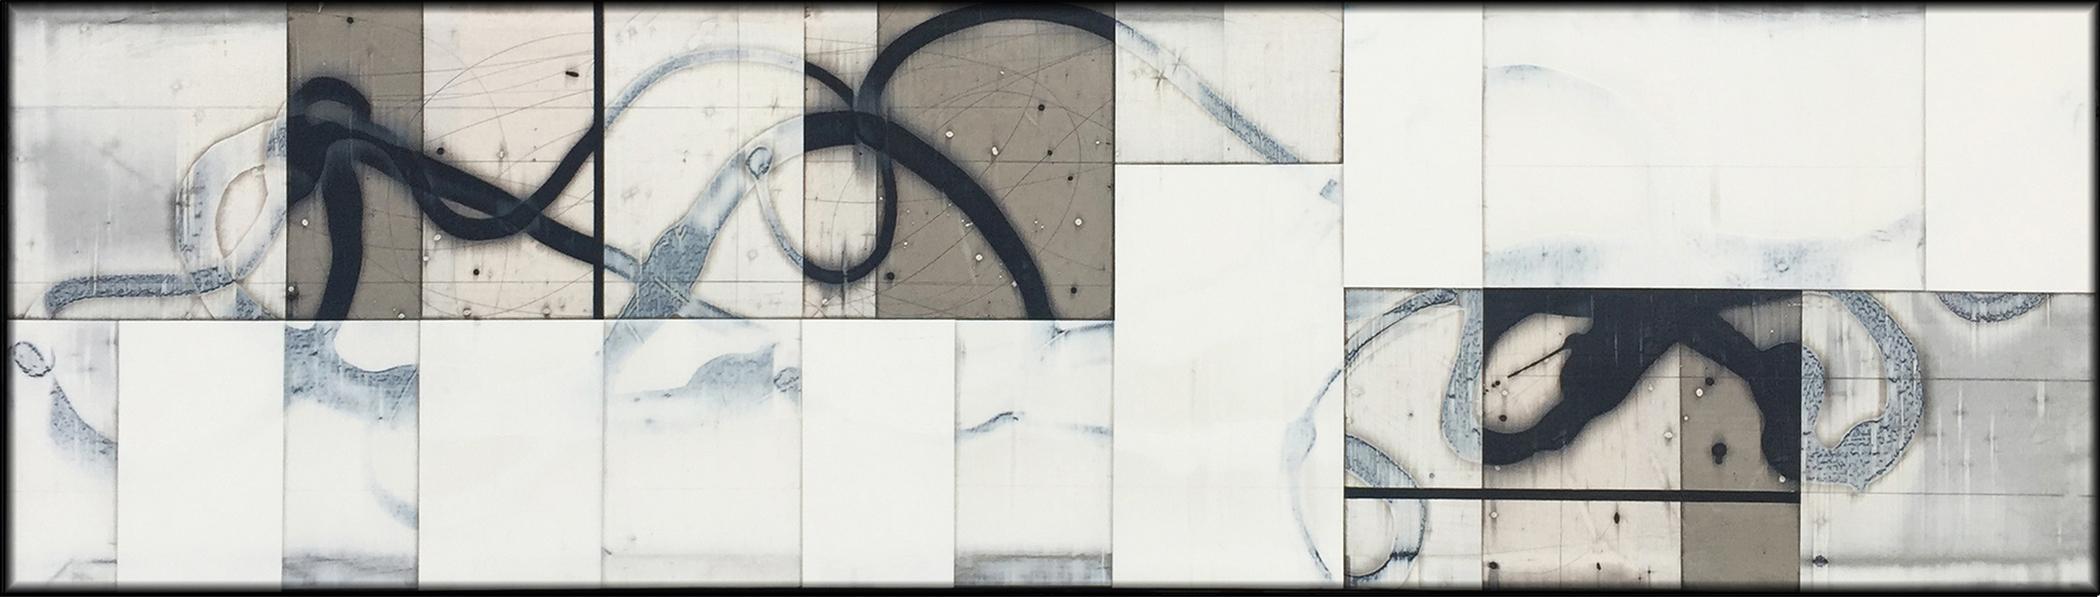 Michael Kessler - Traction (2)